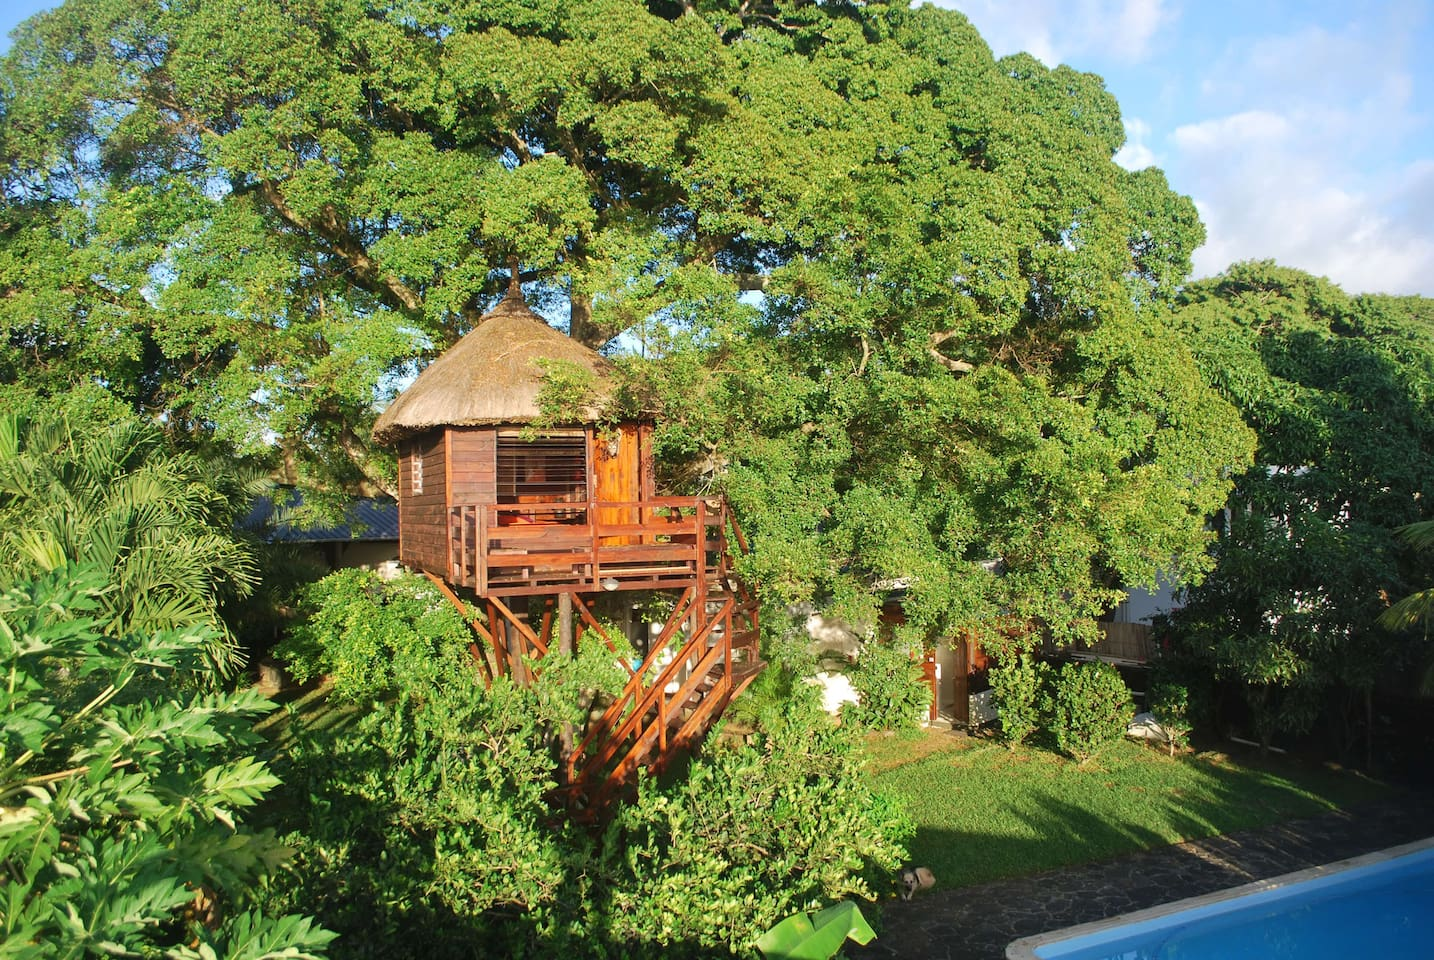 Cabane dans l'Arbre/ Tree House Cabin